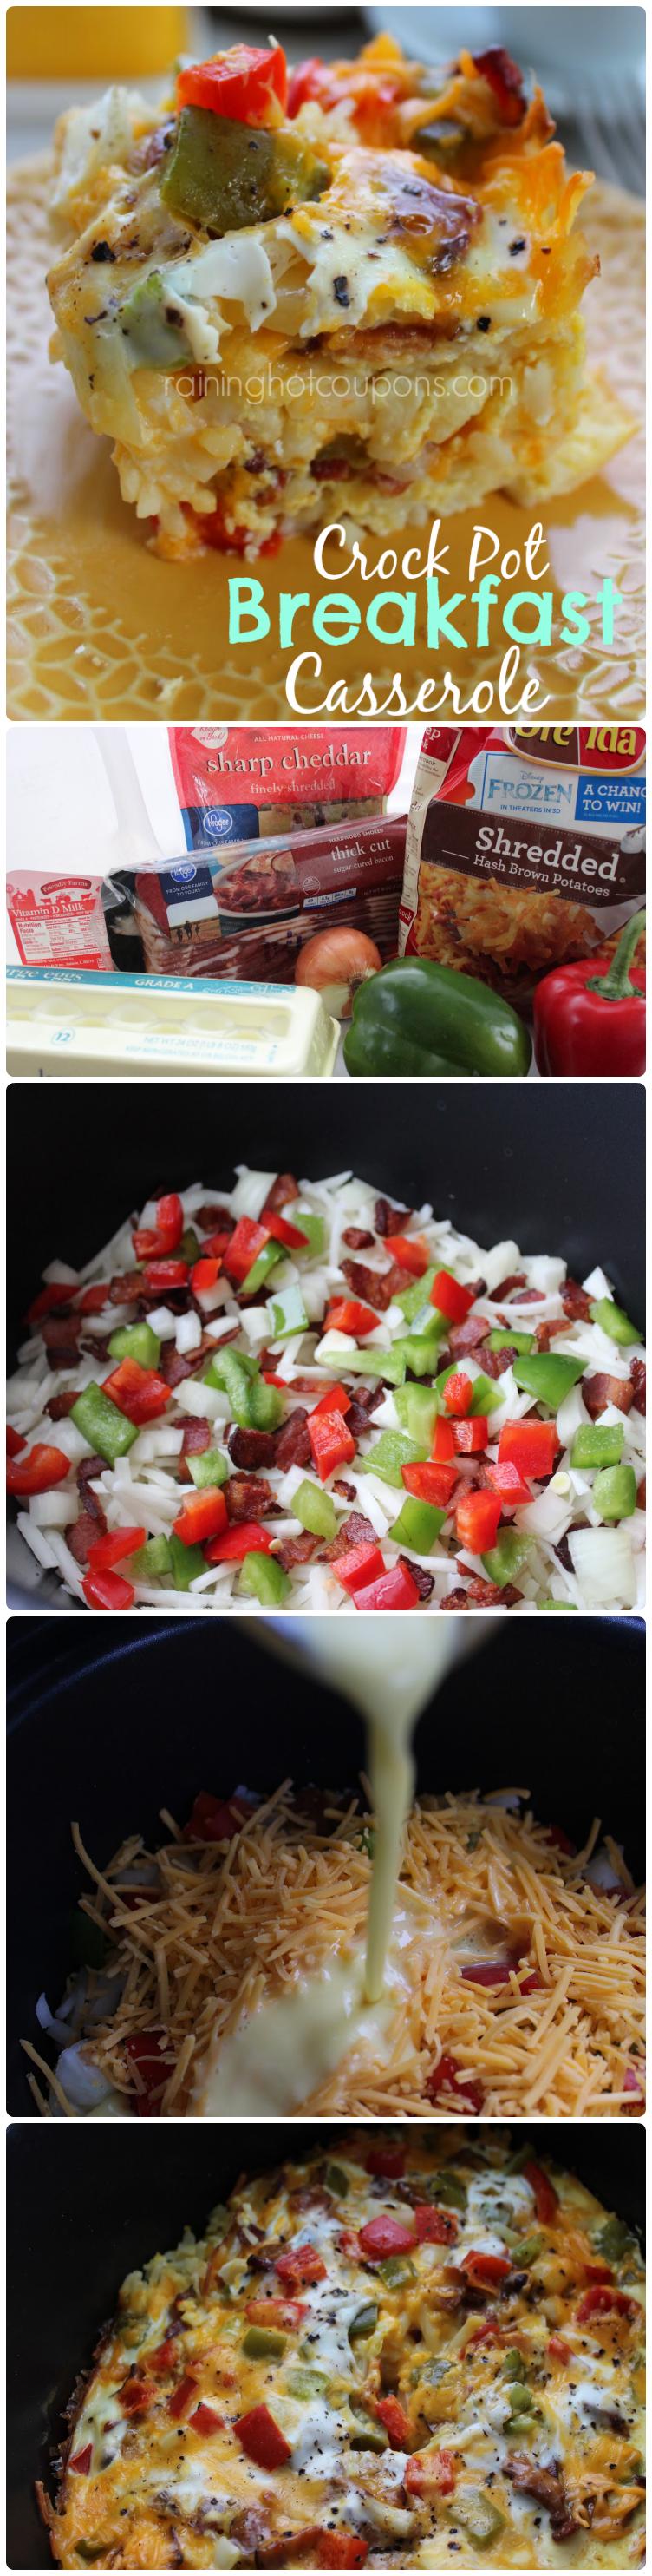 crock pot breakfast casserole collage